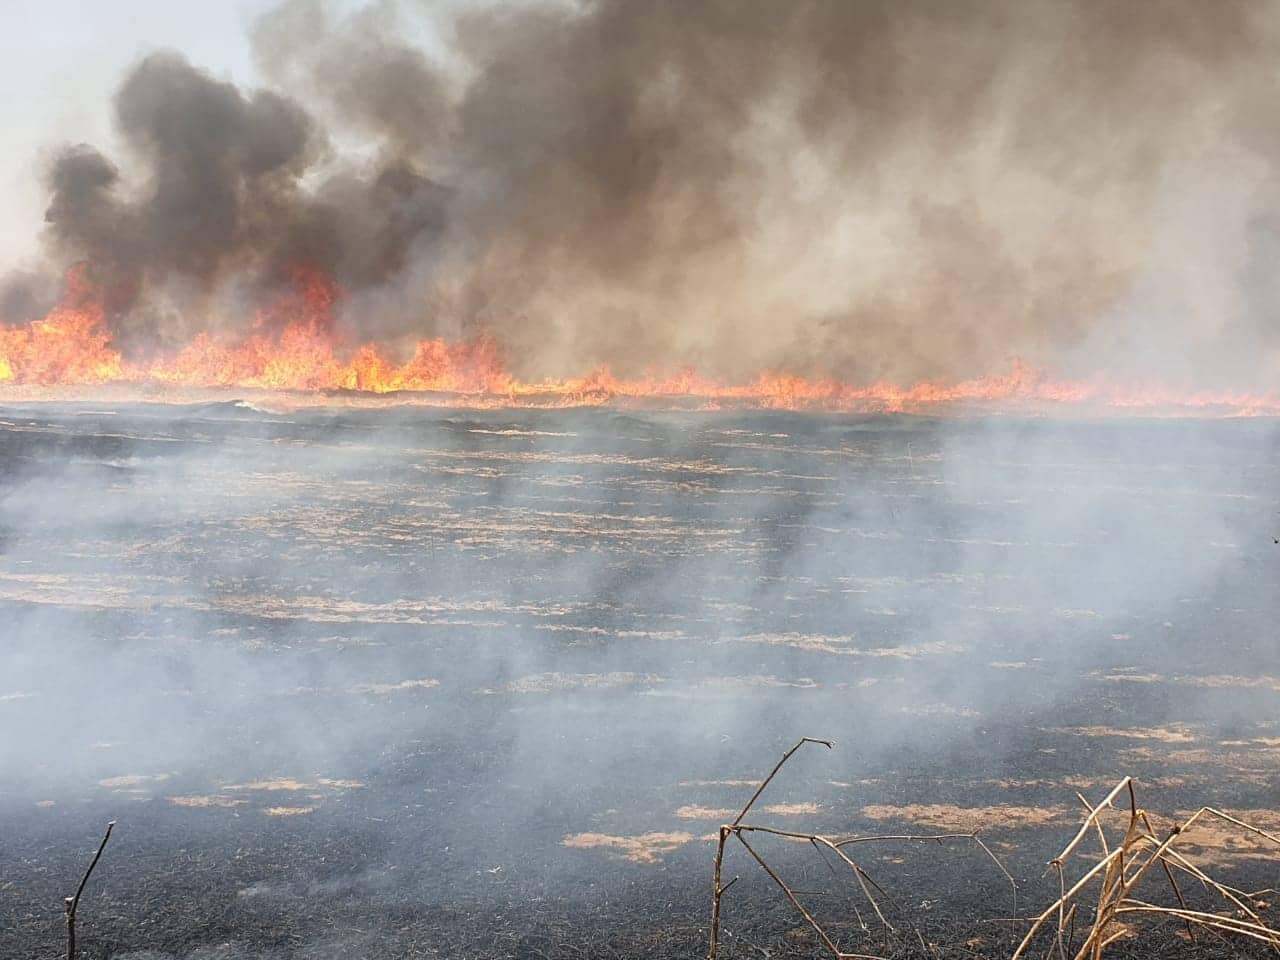 مصرع شرطي باندلاع حريق داخل حقل للحنطة شرقي الموصل